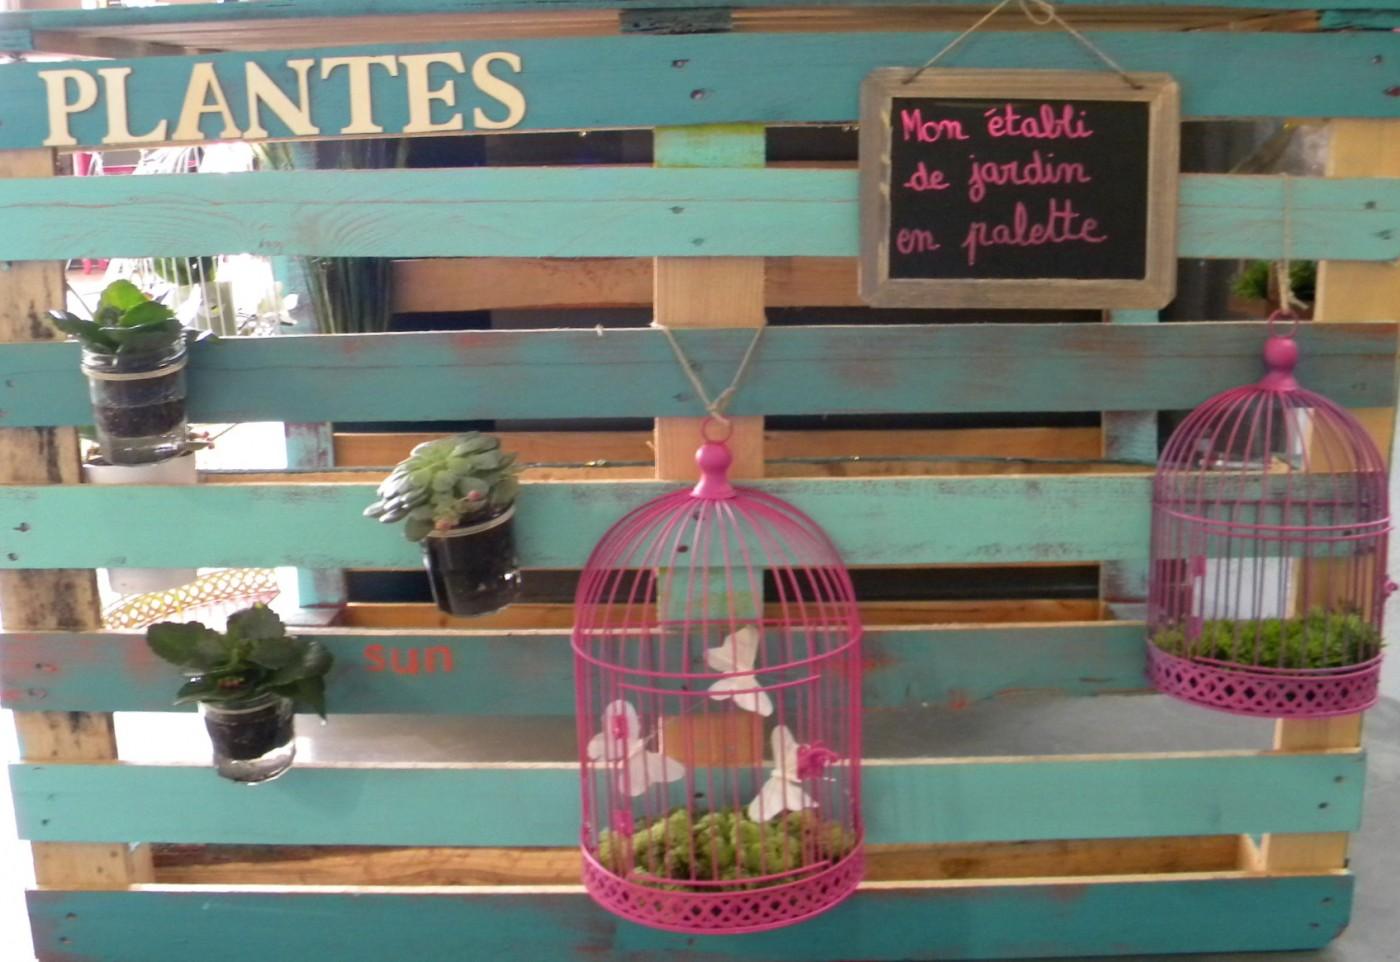 Mon etabli de jardin en palette blog z dio - Etabli de jardin ...